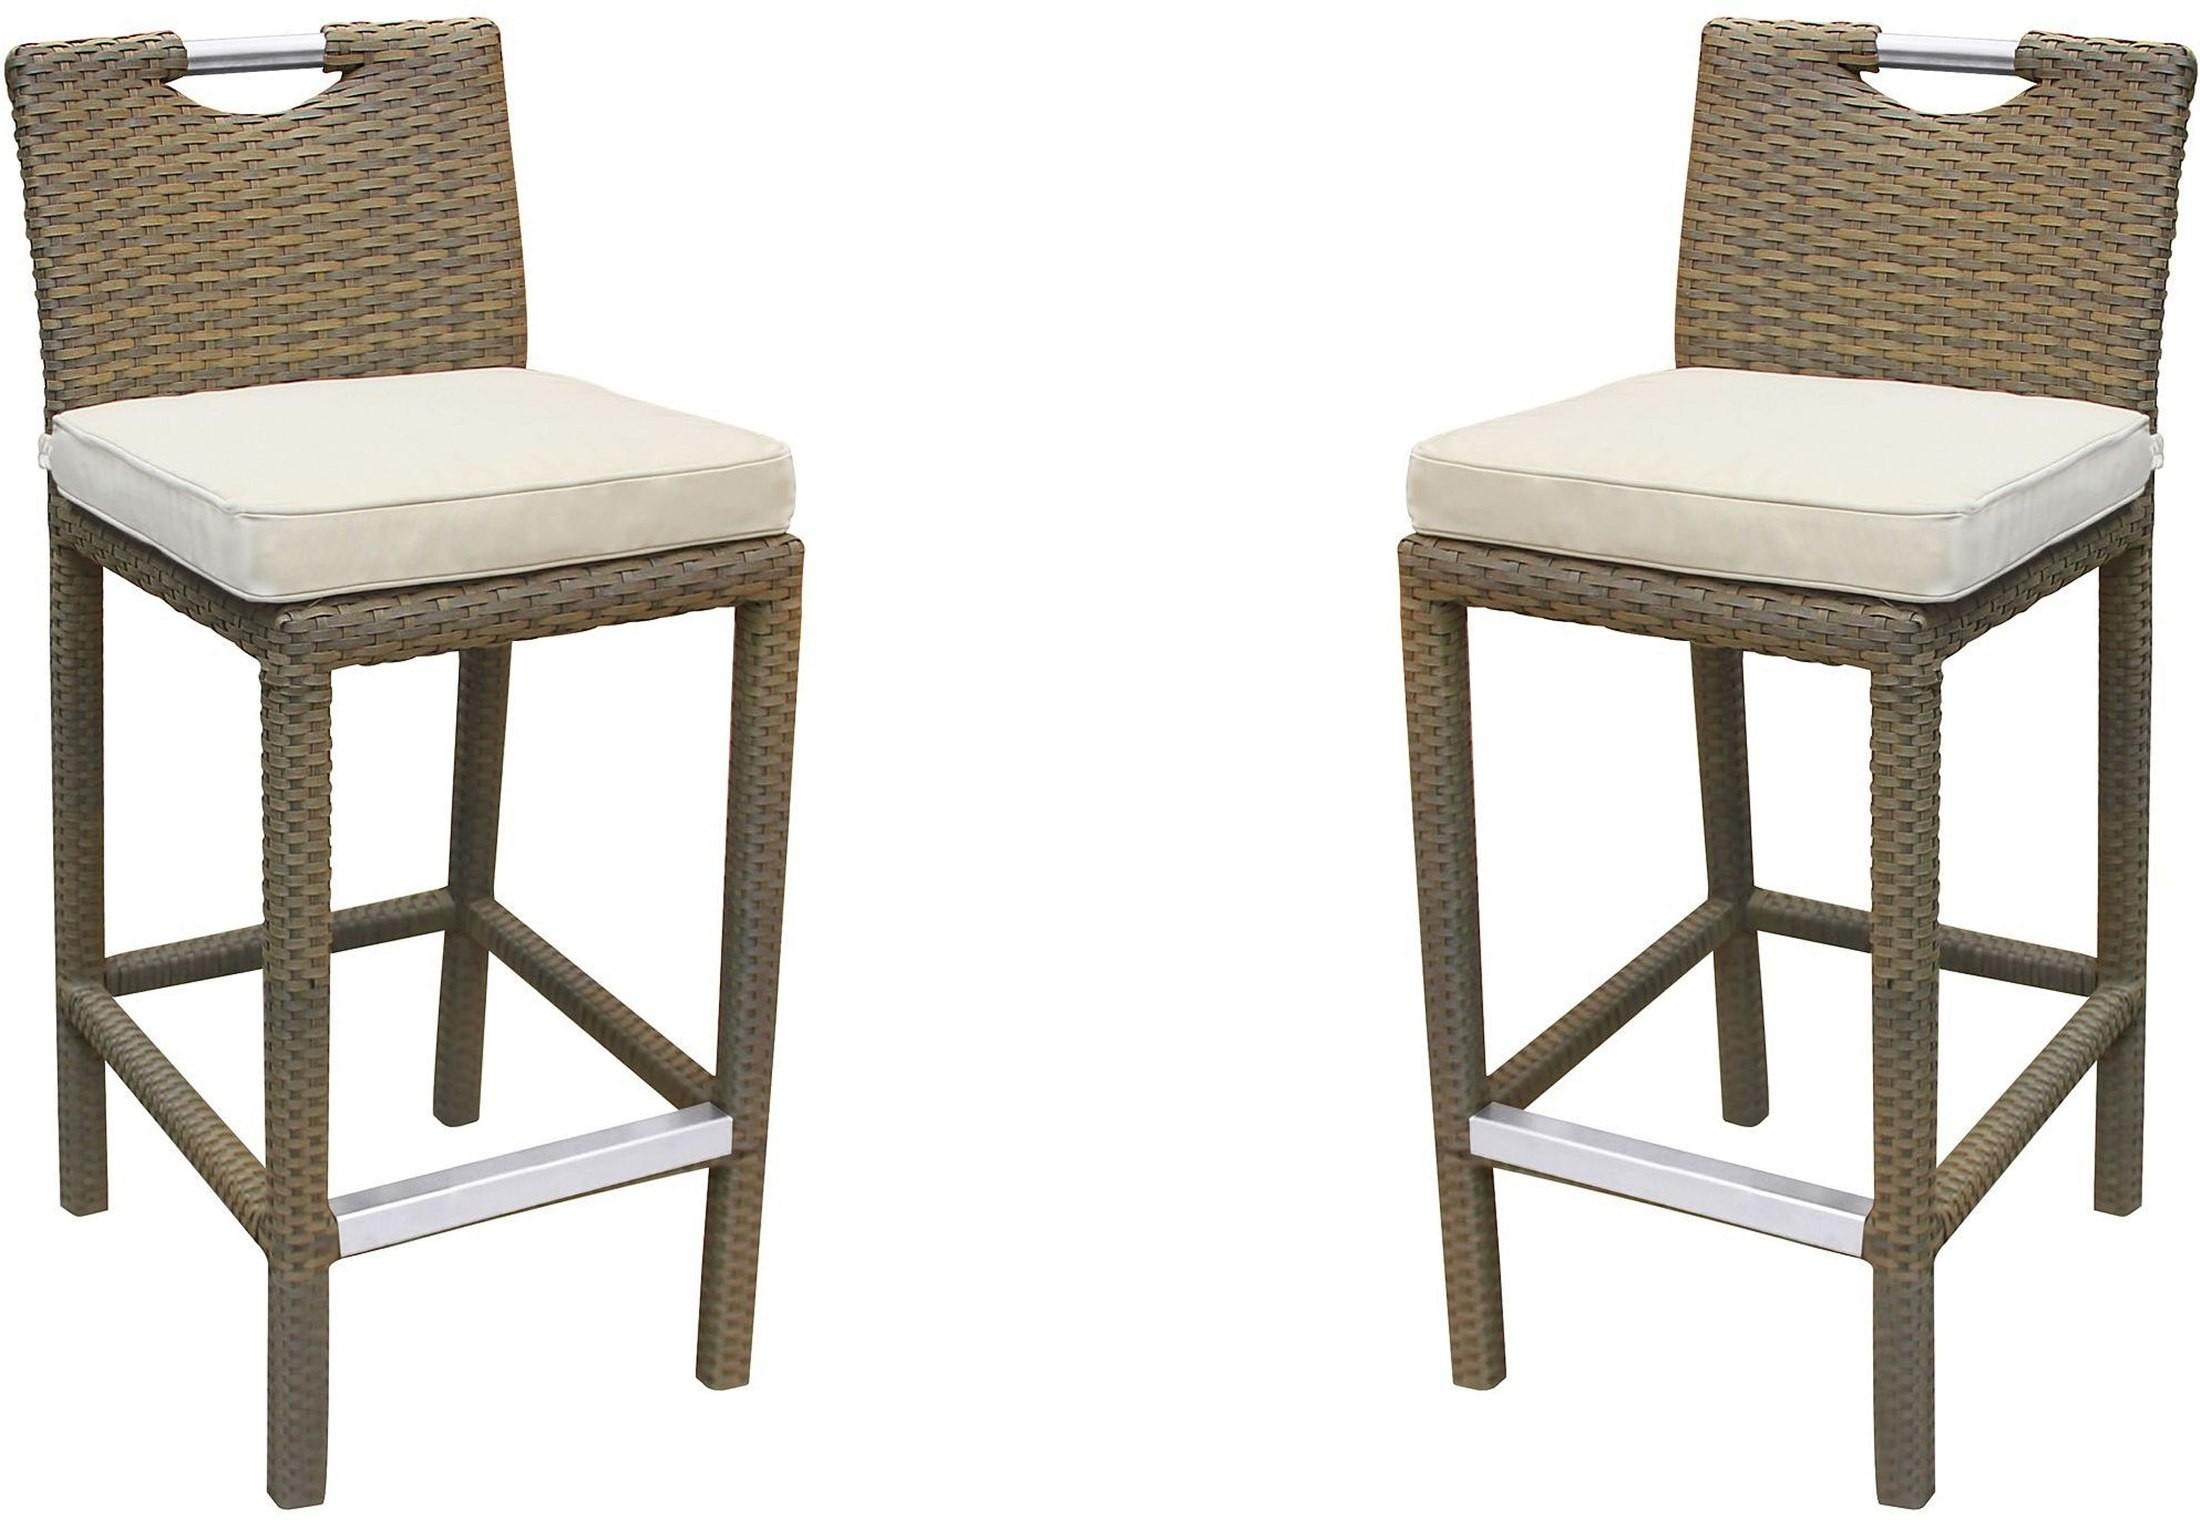 Coleman Outdoor Furniture